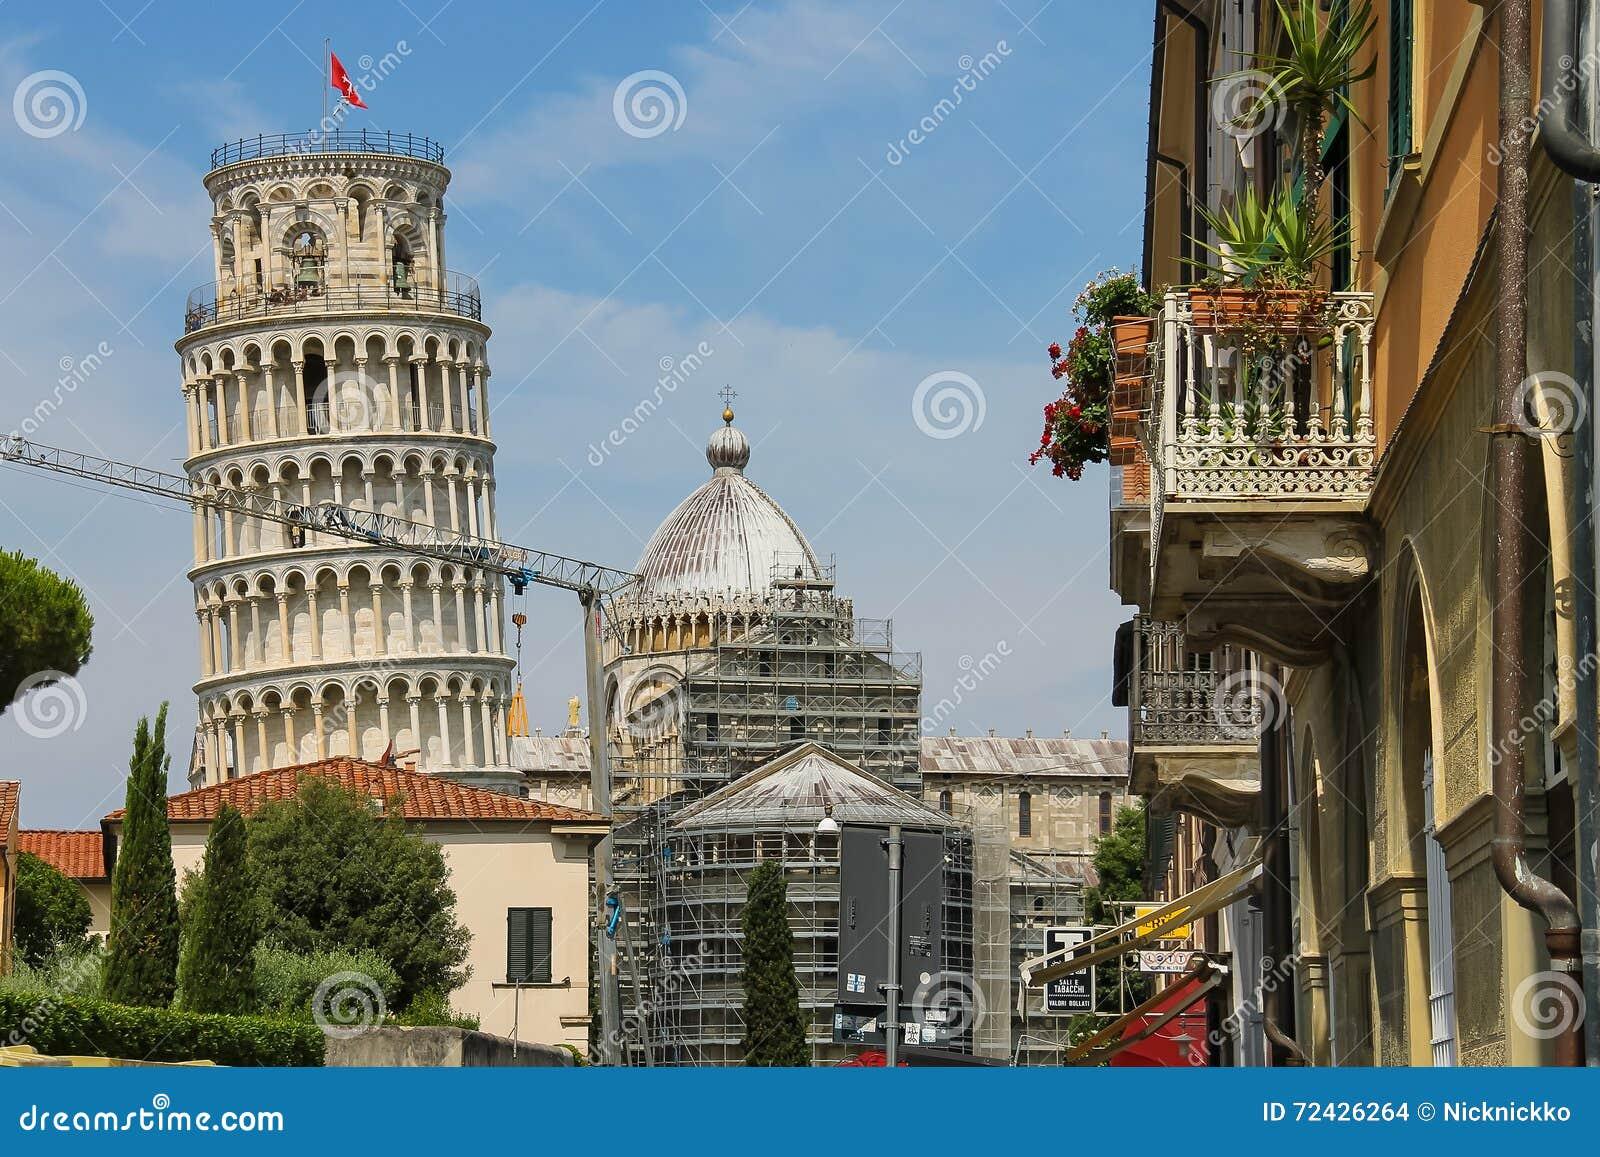 Vista al campanario de la catedral (torre inclinada de Pisa) AIE